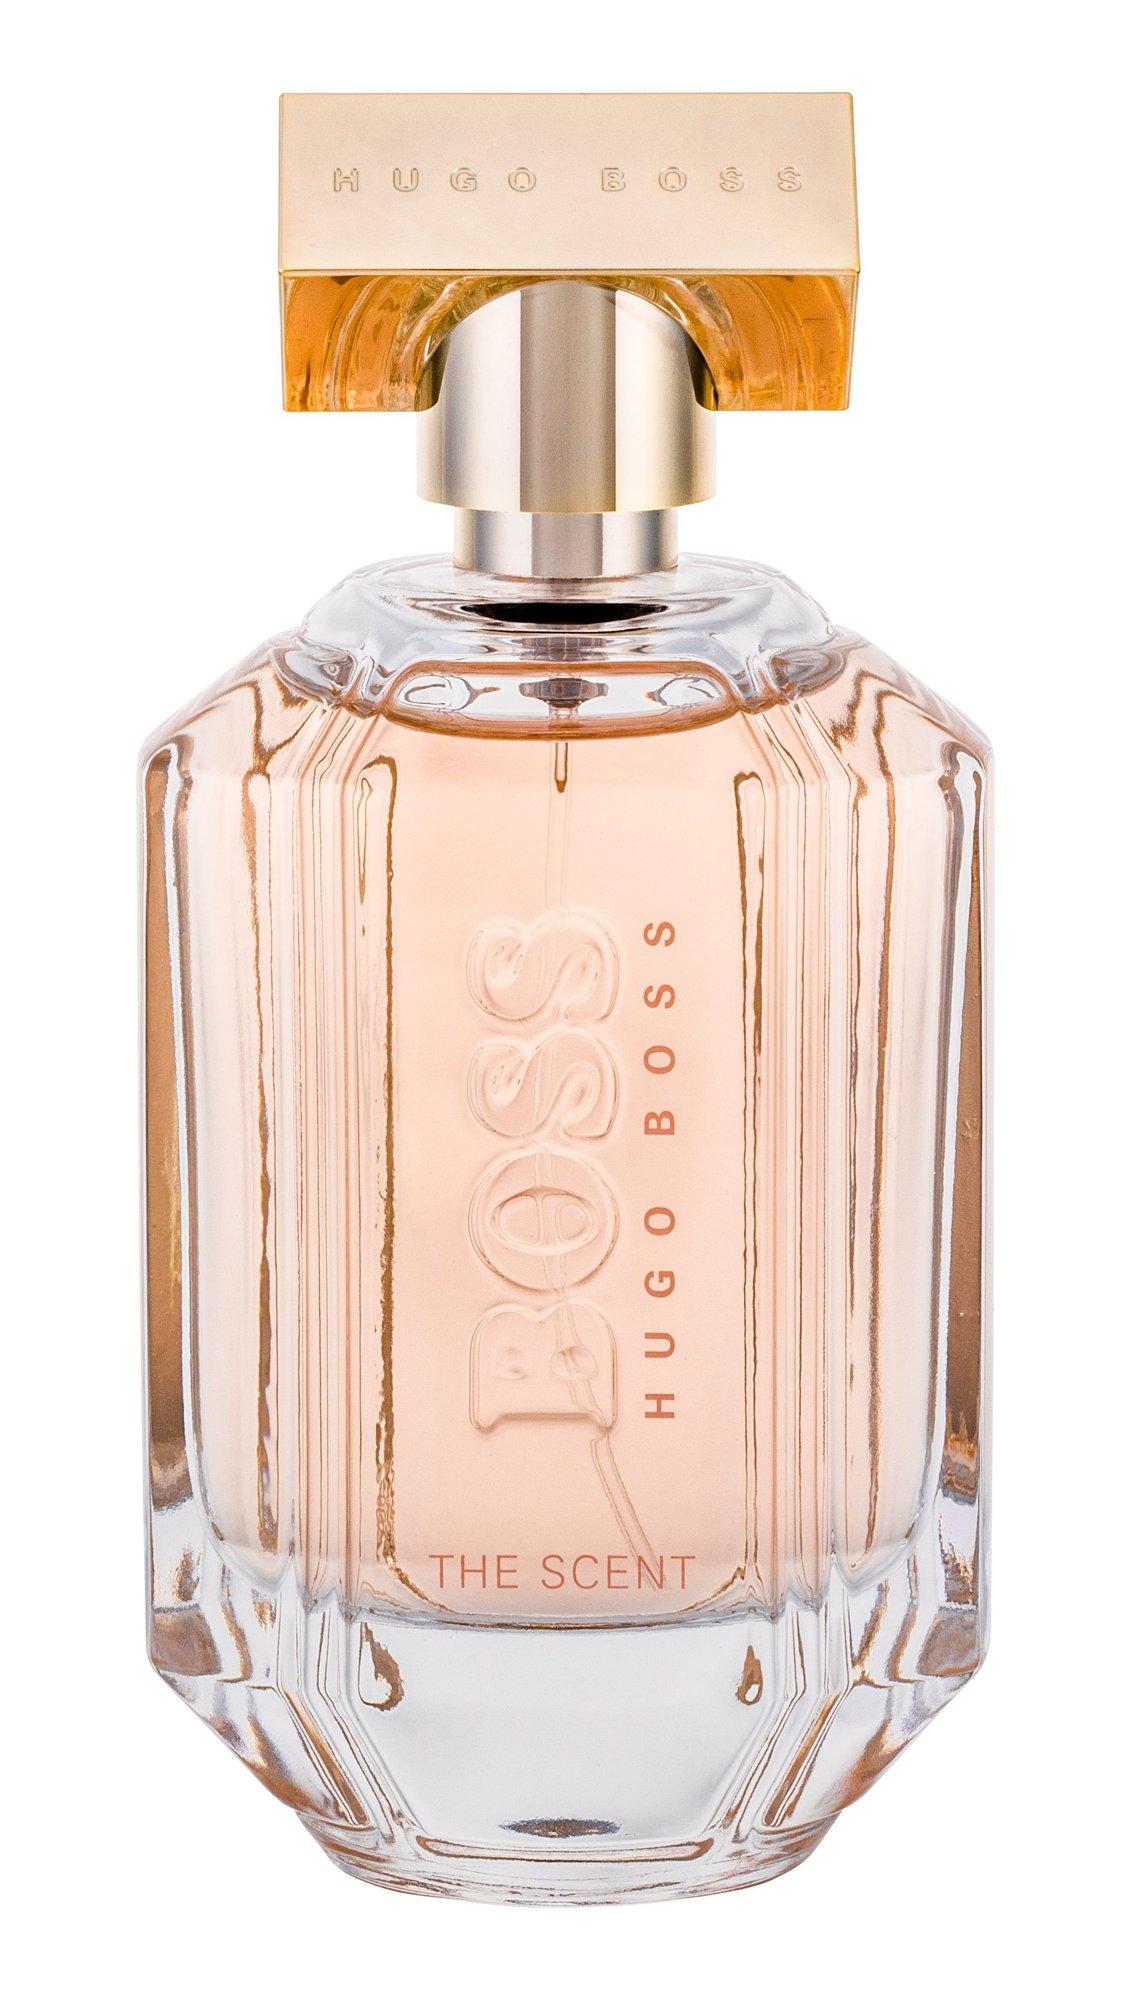 HUGO BOSS Boss The Scent For Her Eau de Parfum 100ml